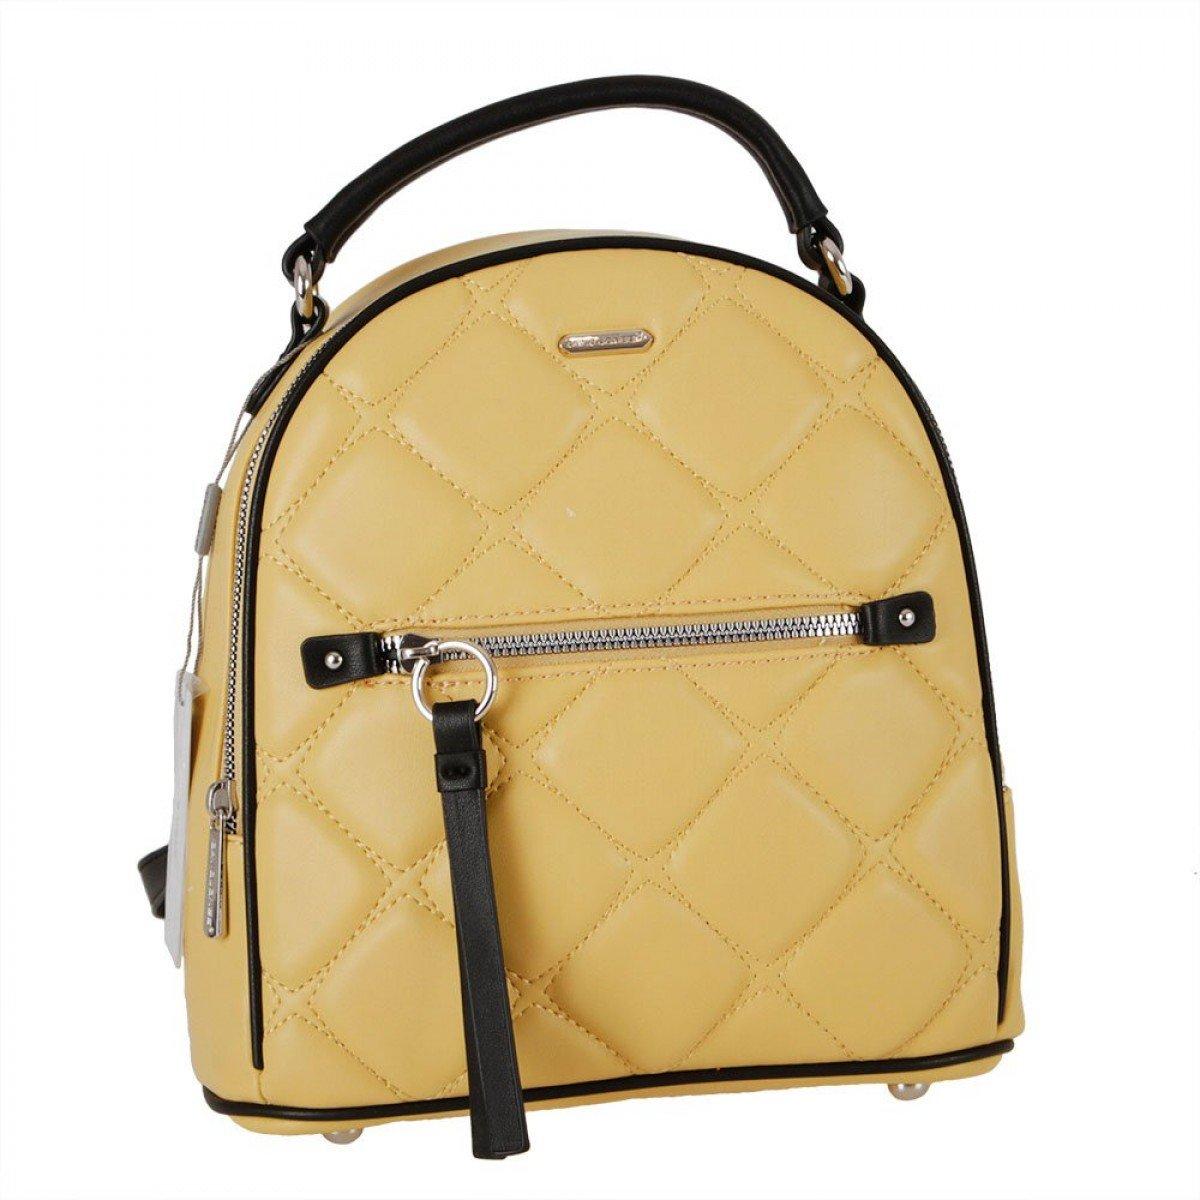 Жіночий рюкзак David Jones 6520-2 FEINT YELLOW